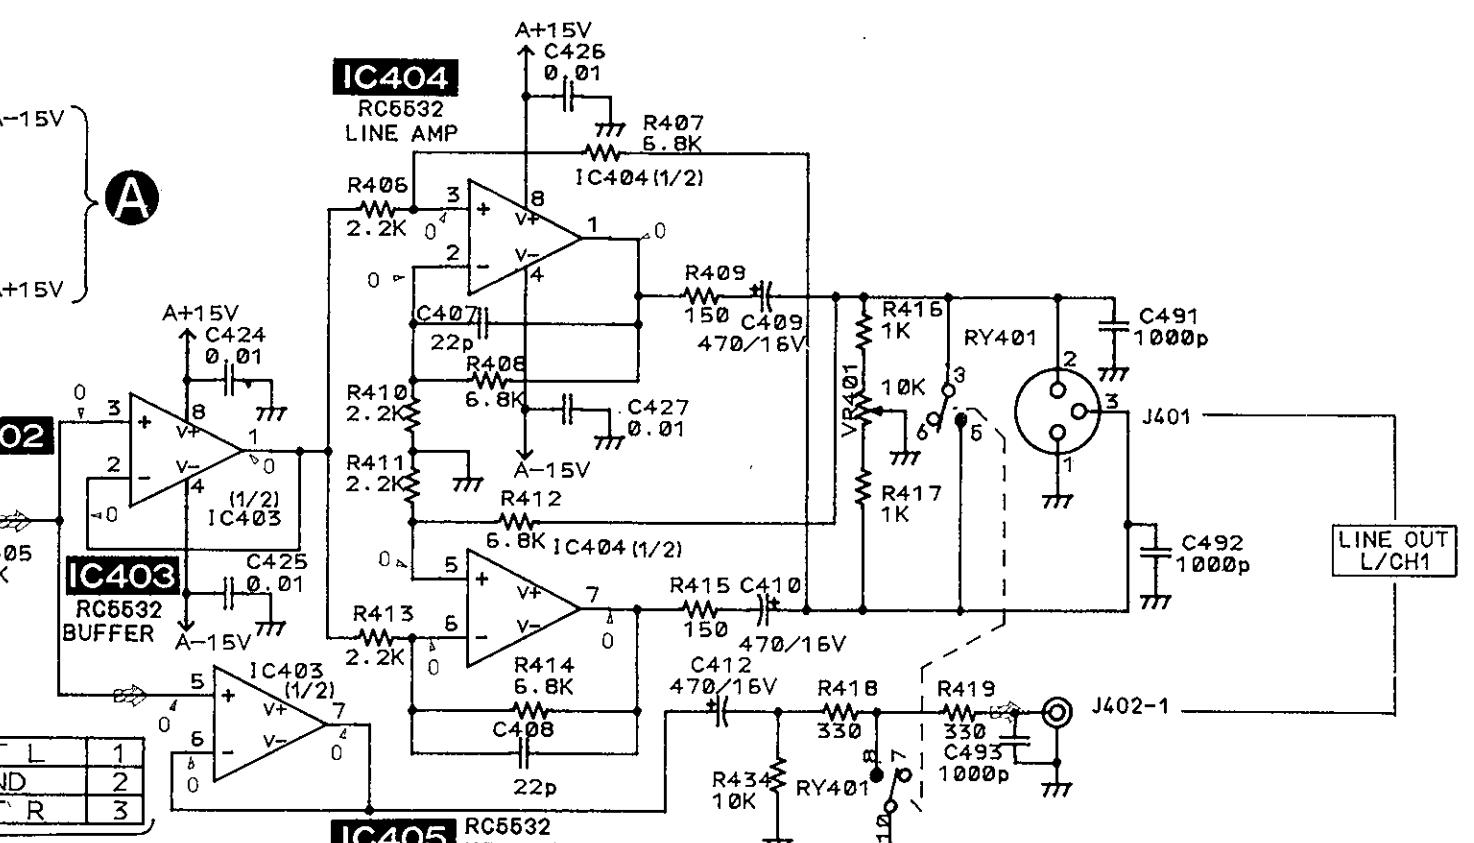 sony cd player wiring diagram imageresizertool com balanced xlr wiring diagram balanced audio cable wiring diagram [ 1474 x 843 Pixel ]